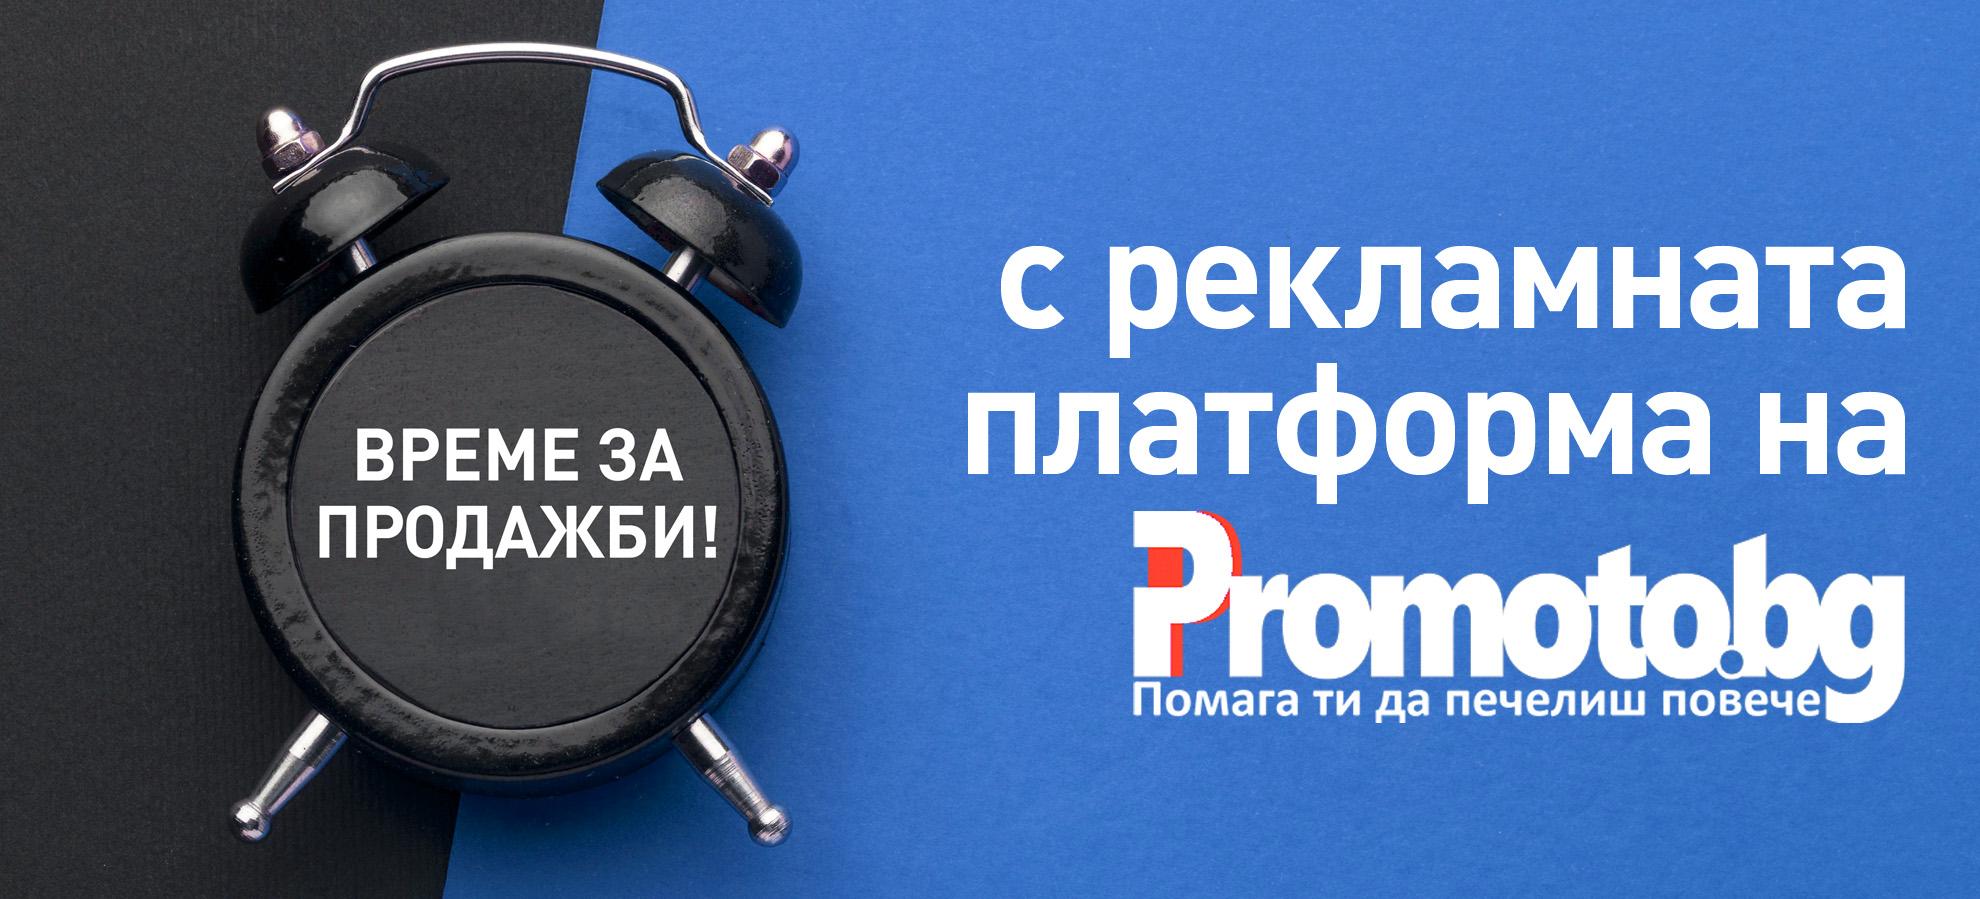 Promoto.bg предлага на българските производители уникална платформа за реклама и търговски активации